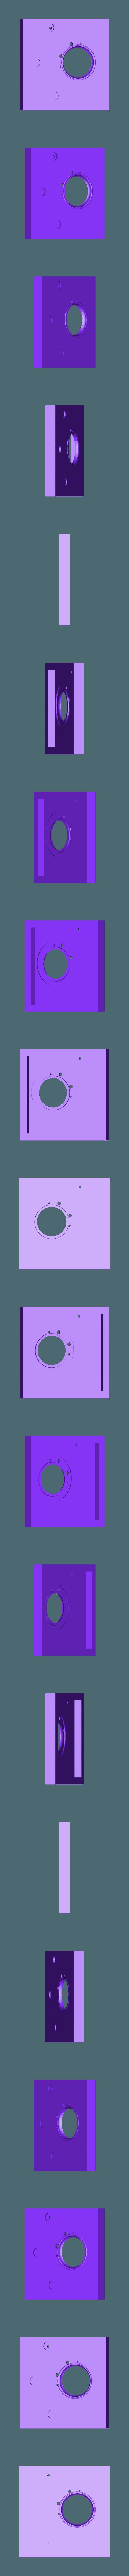 Pondy BASE.stl Télécharger fichier STL gratuit Cascade de chutes d'eau avec Koi • Modèle pour imprimante 3D, MinerBatman